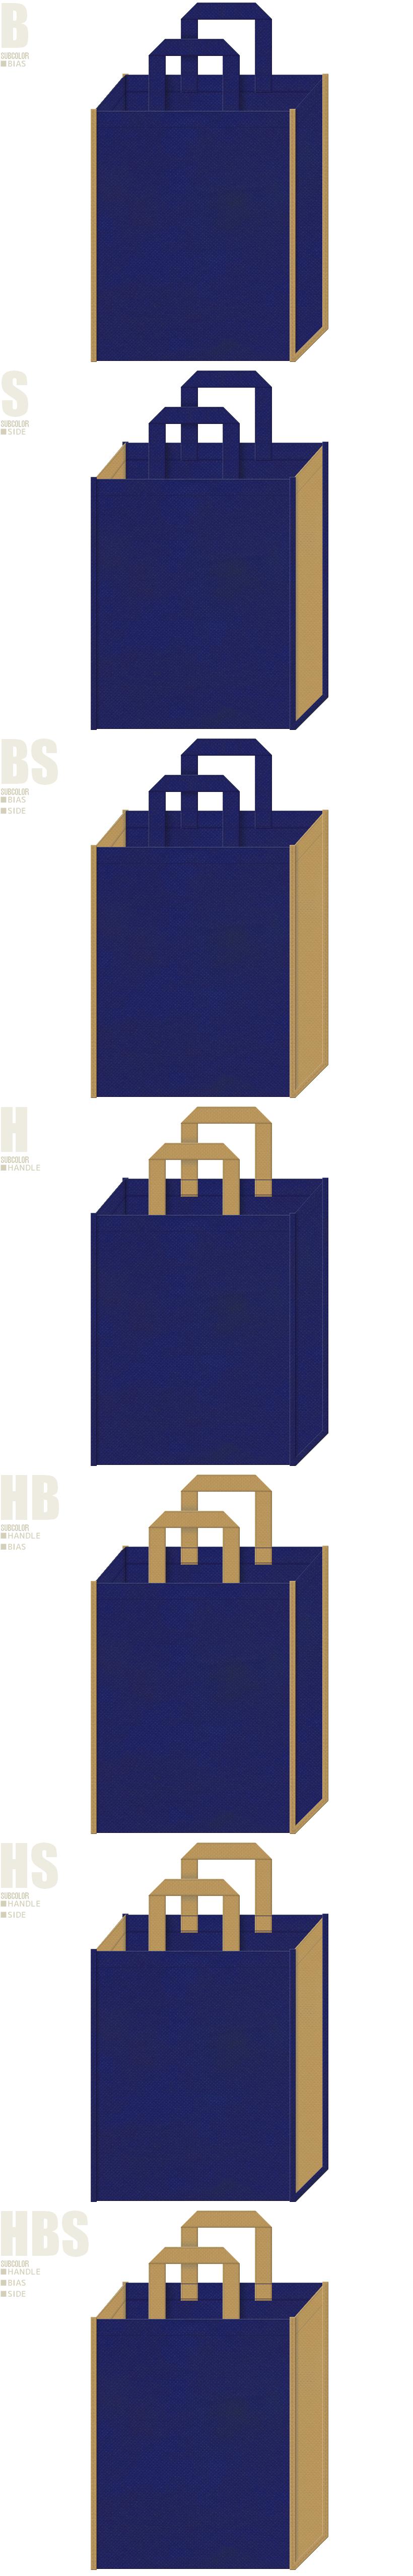 不織布バッグのデザイン:明るい紺色と金黄土色の配色7パターン